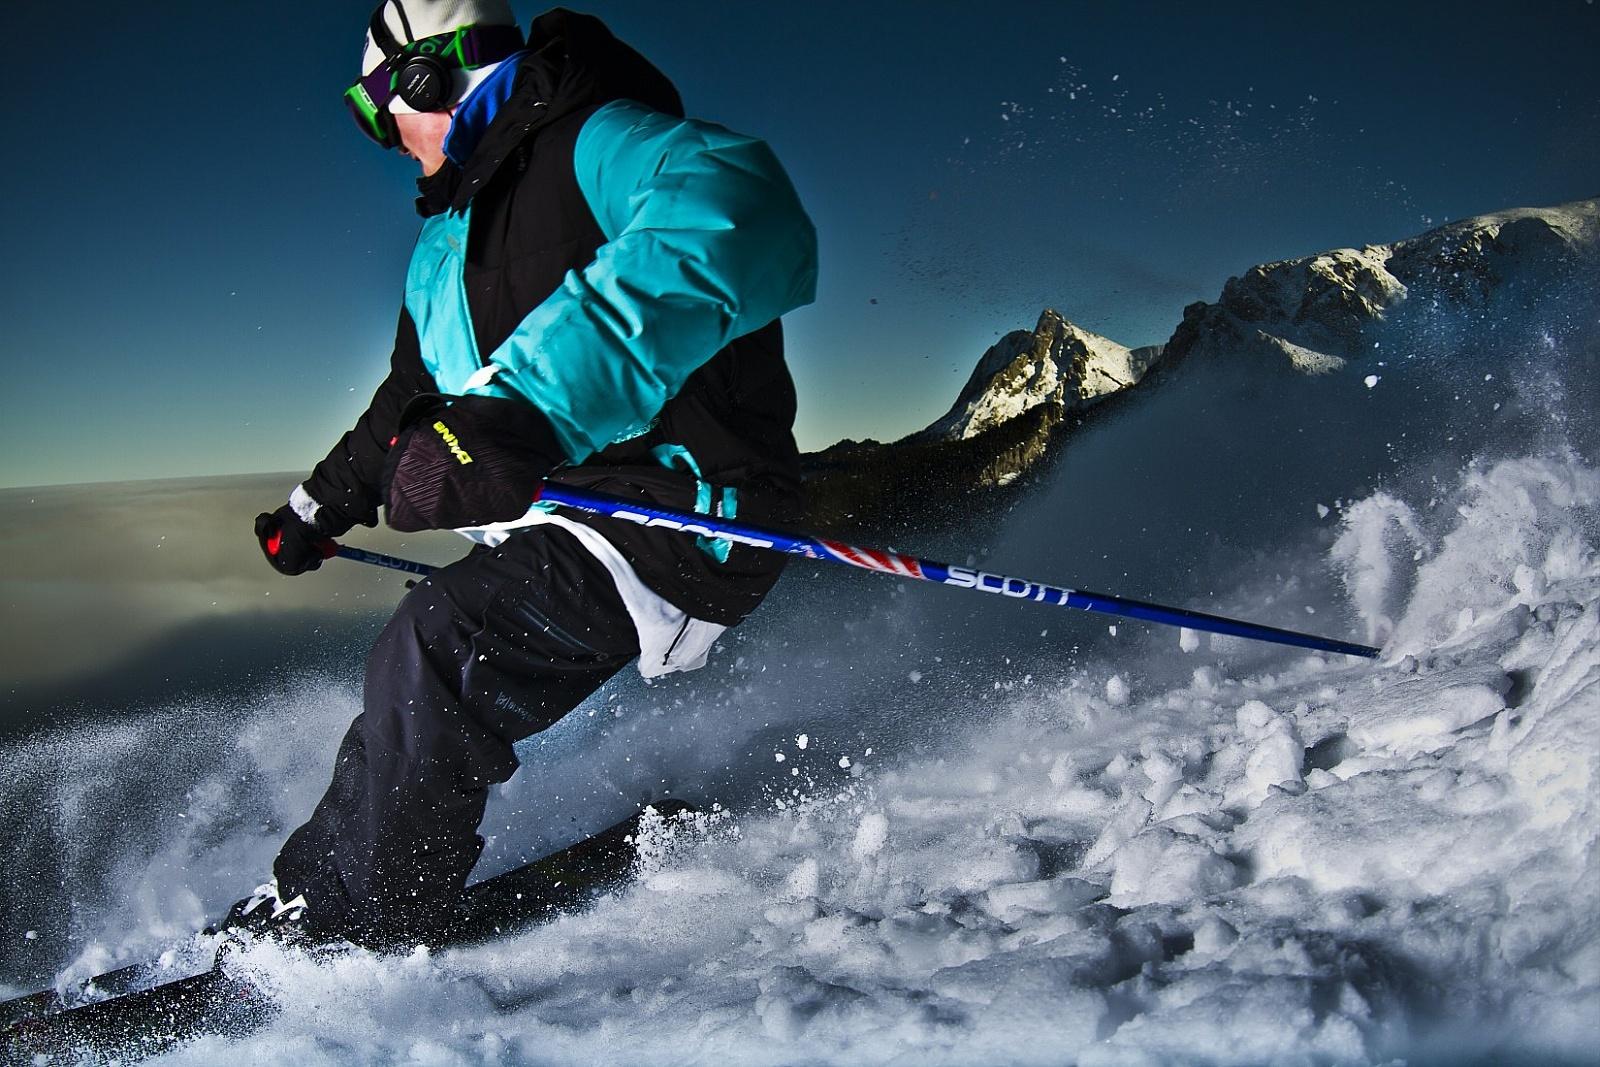 горные лыжи,горнолыжные палки,горнолыжное снаряжение,горнолыжные туры,горнолыжный отдых,горнолыжный курорт,курорты кавказа